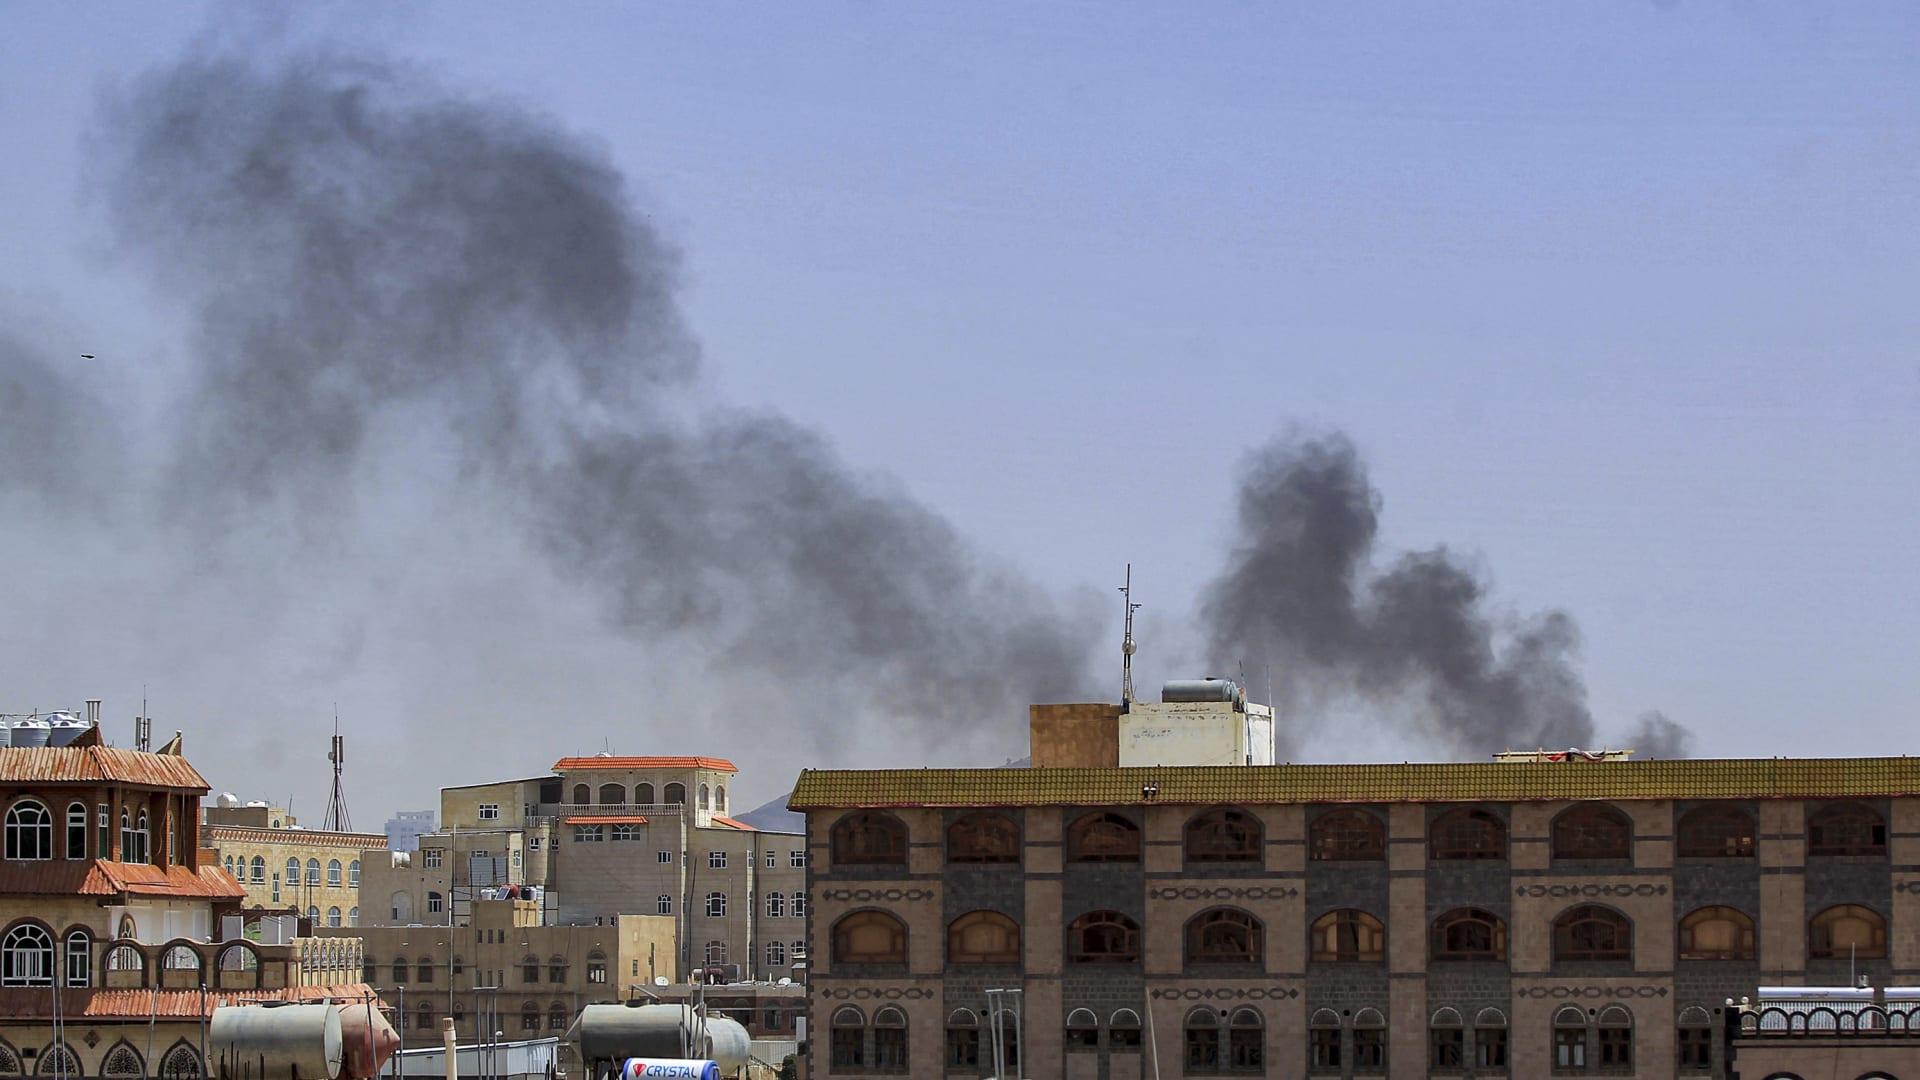 تصاعد عمود دخان في أعقاب انفجارات في العاصمة اليمنية صنعاء التي يسيطر عليها الحوثيون.